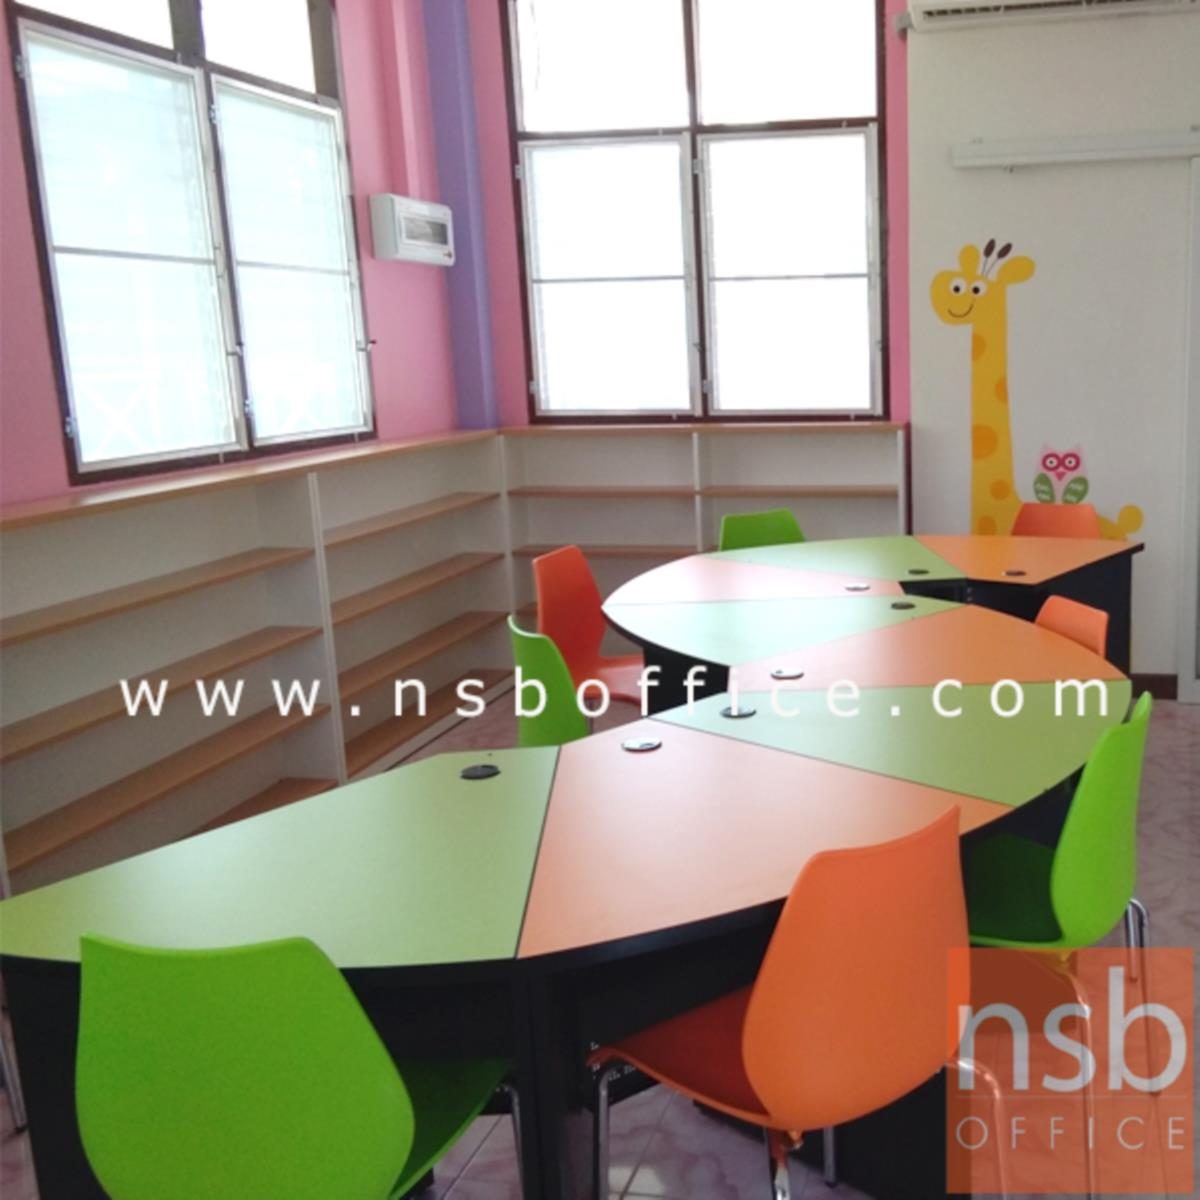 A17A035:โต๊ะกิจกรรม  ขนาด 75W cm. เคลือบผิวเมลามีน (ราคาต่อ 1 ที่นั่ง)